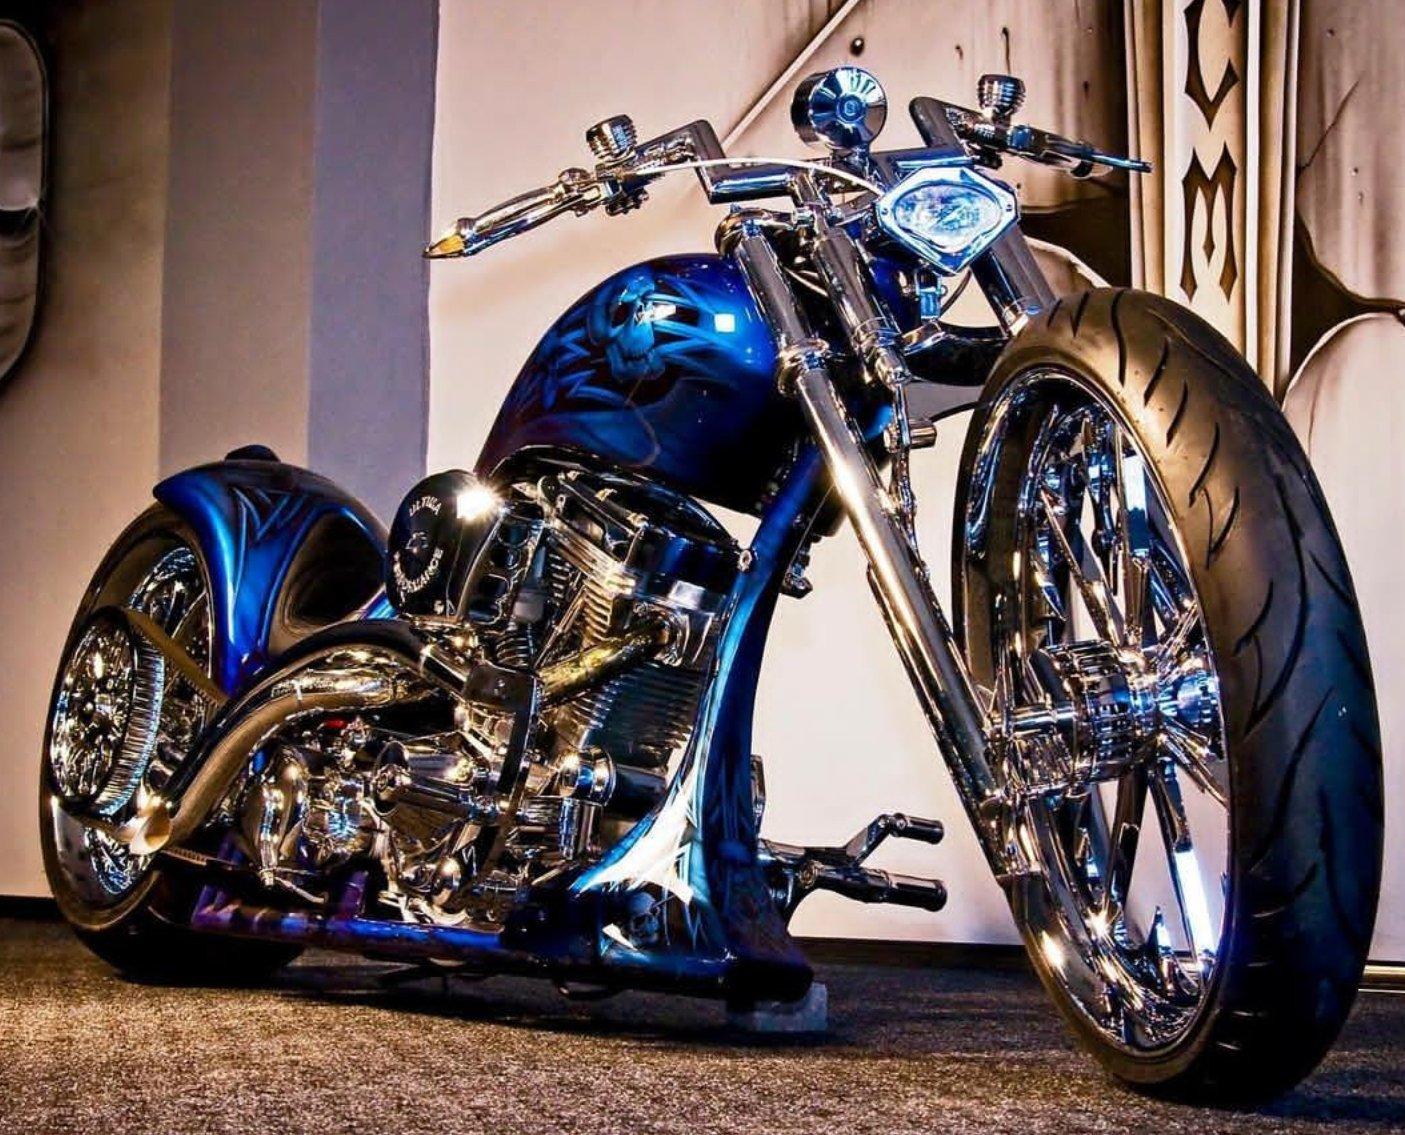 всегда картинки самого крутого мотоцикла в мире соком